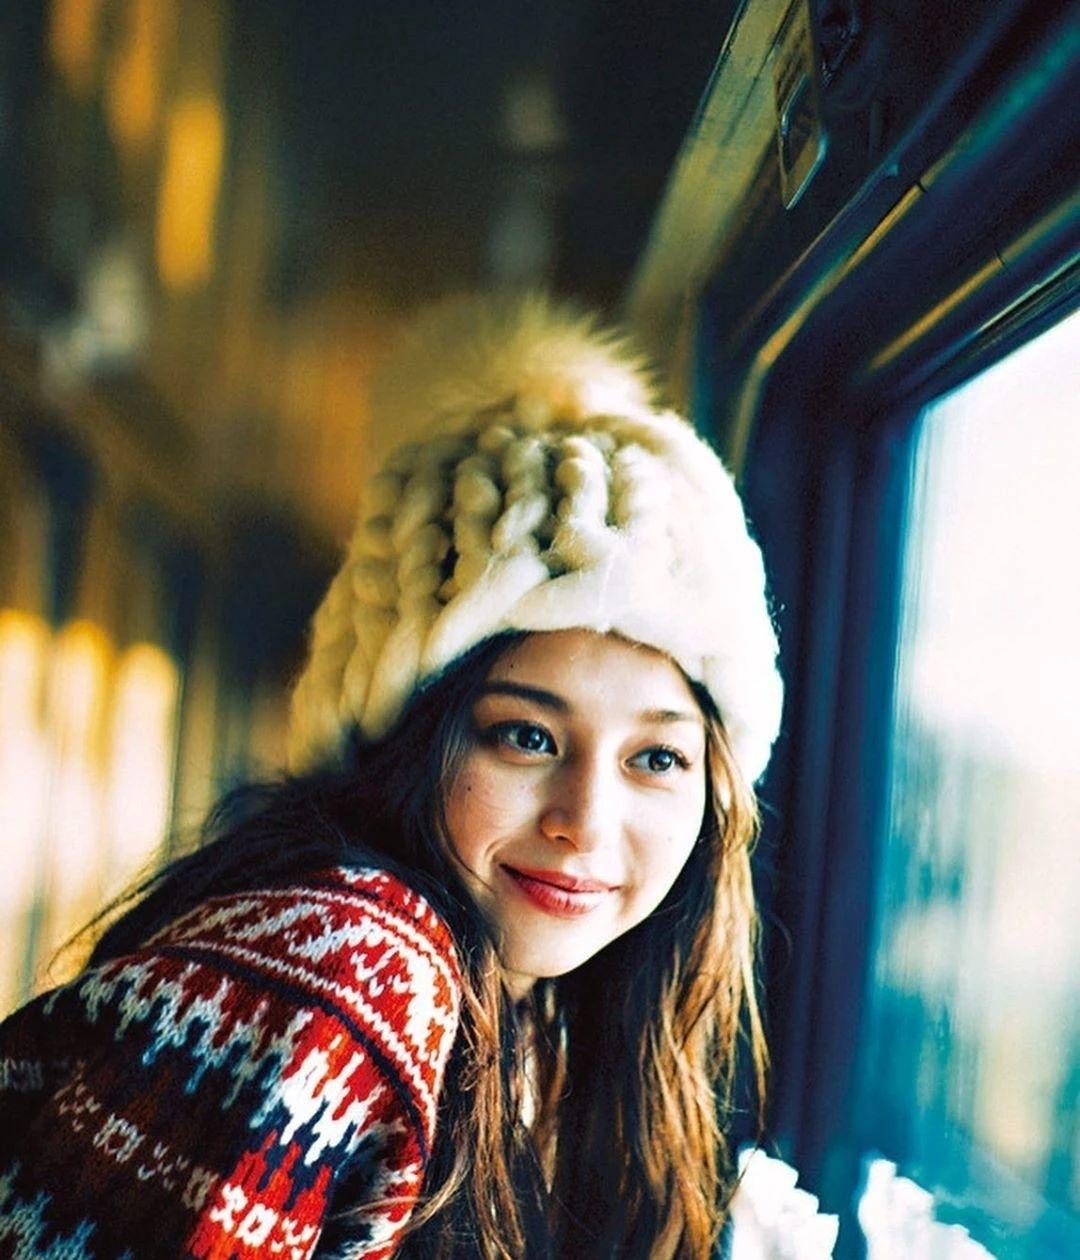 女性最想要的混血颜并且有彩妆种草机之称的中条彩未写真作品 (3)